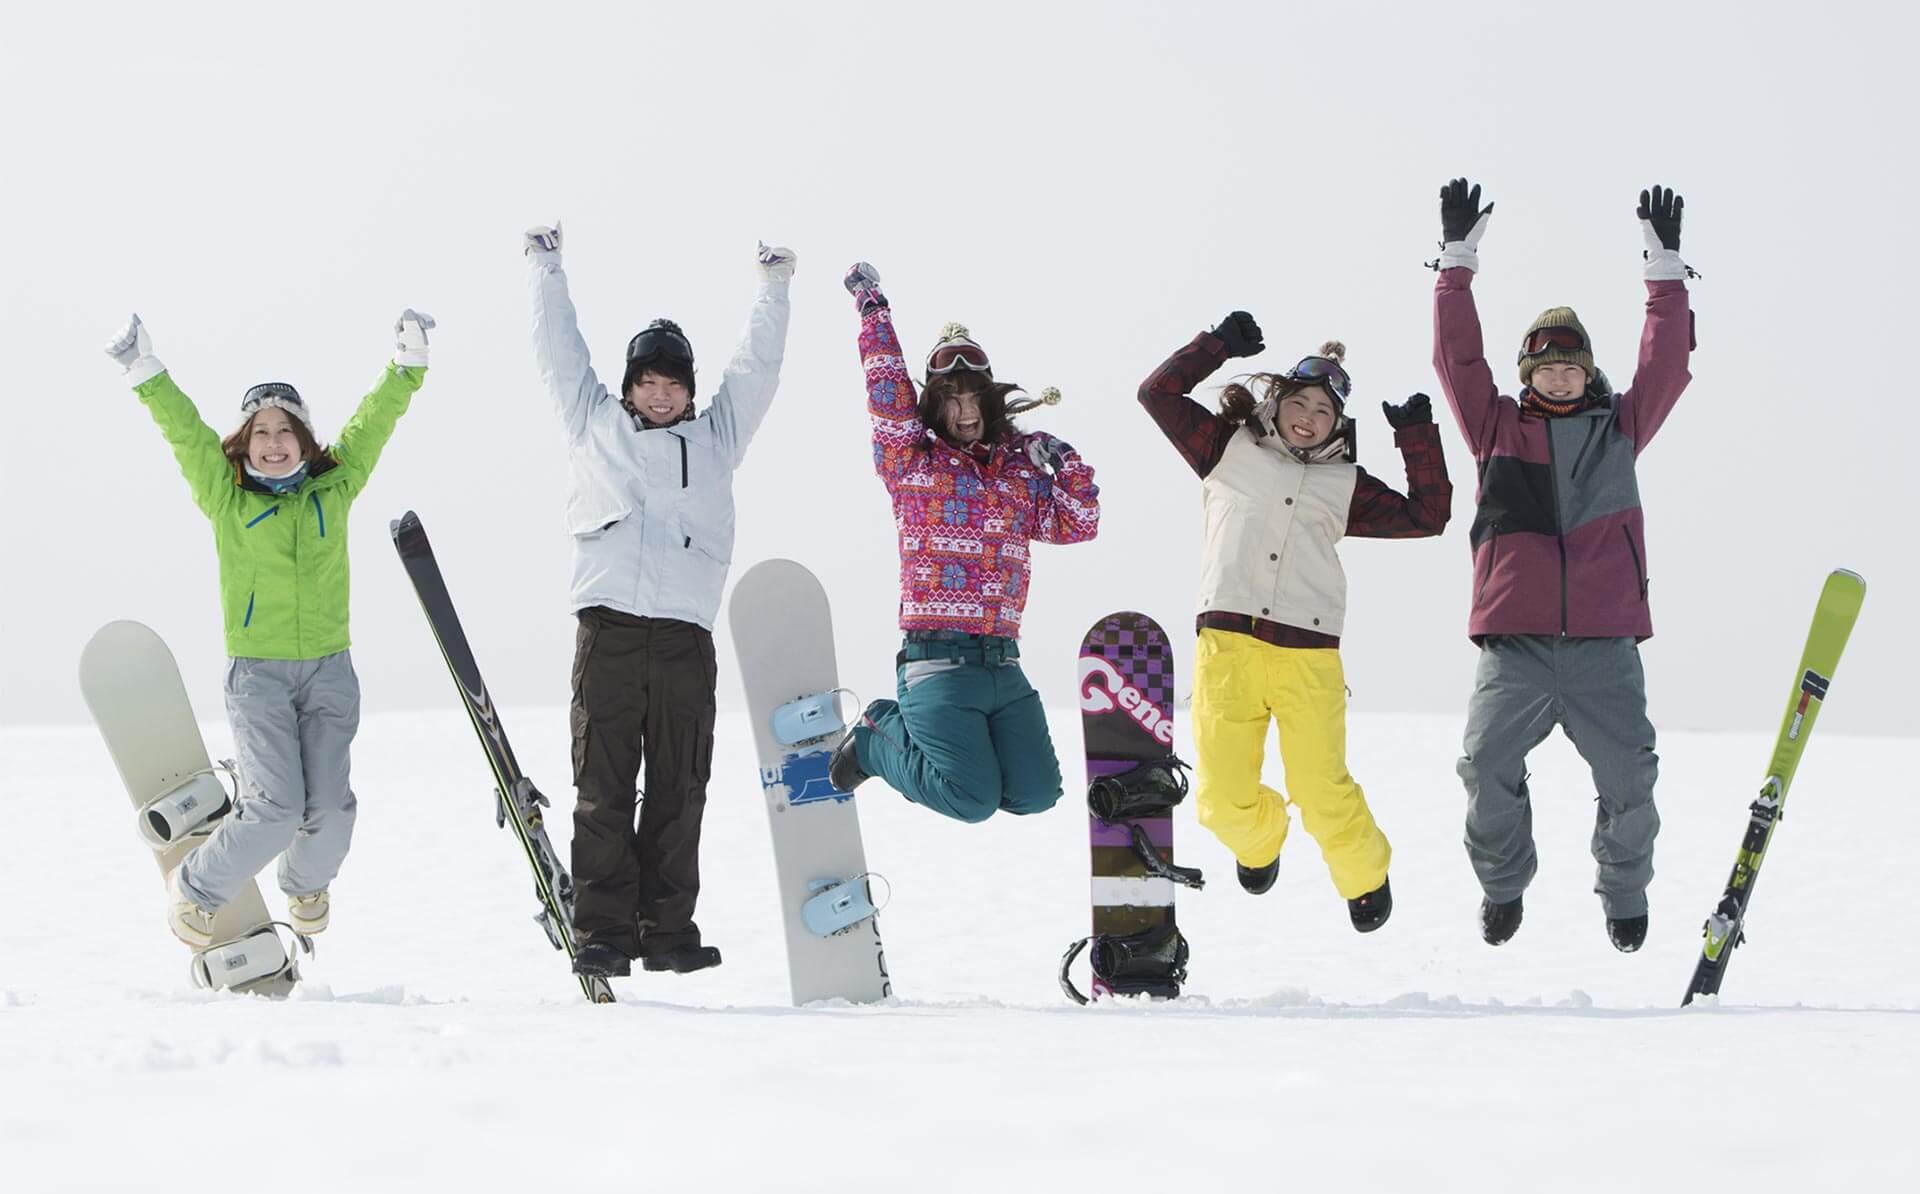 ゲレンデでジャンプをする若者たち